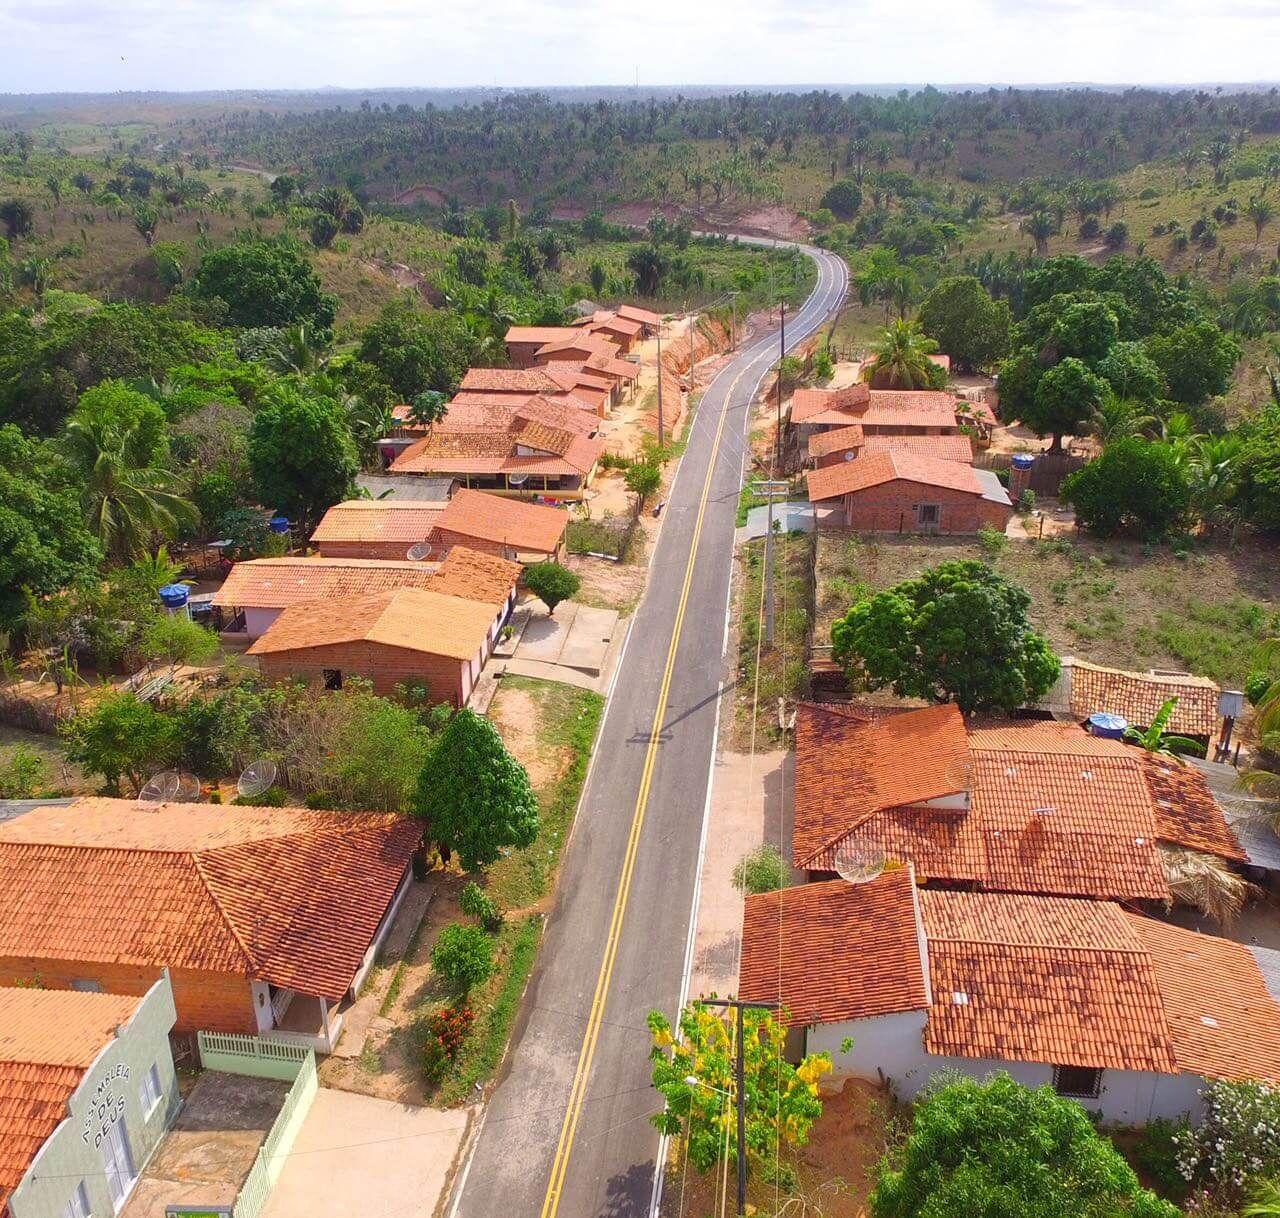 Brejo de Areia Maranhão fonte: i.pinimg.com